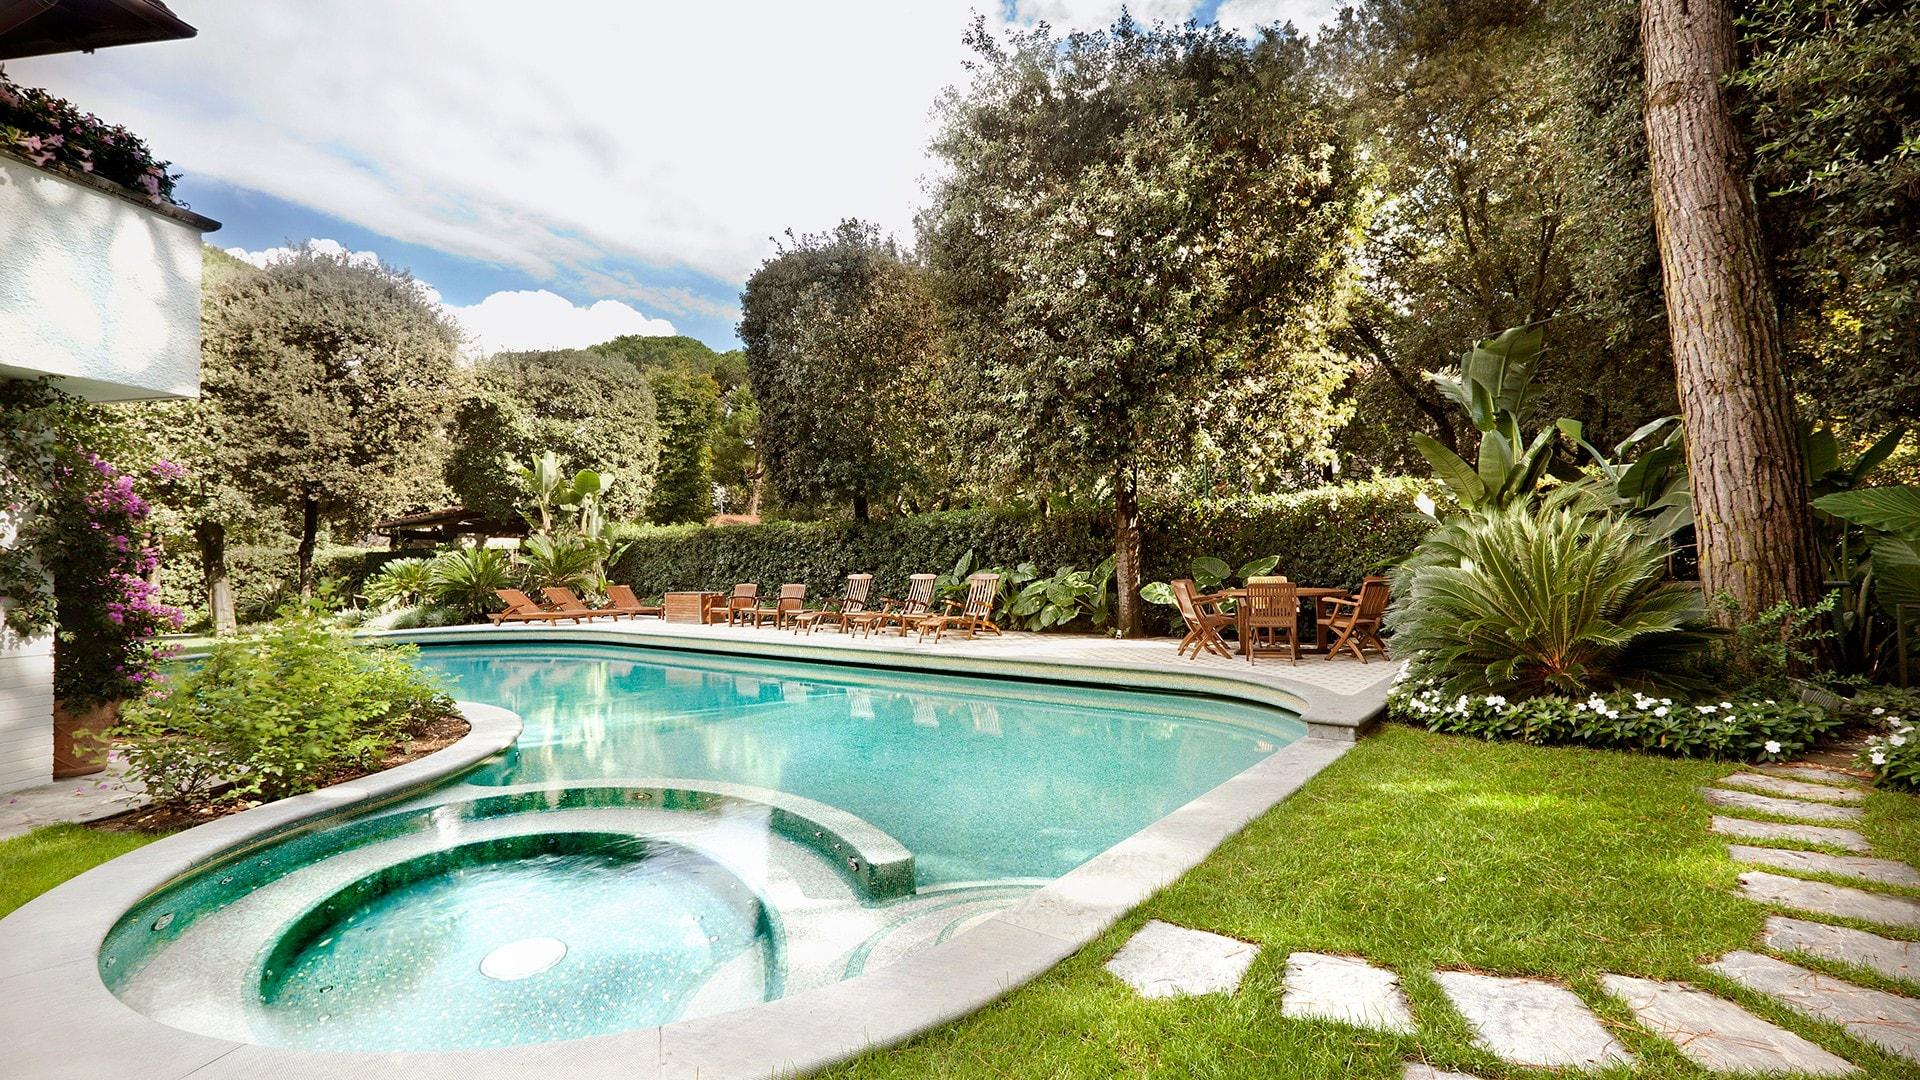 Toscana villa privata a forte dei marmi progettazione giardini soluzioni di qualit per il - Il giardino forte dei marmi ...